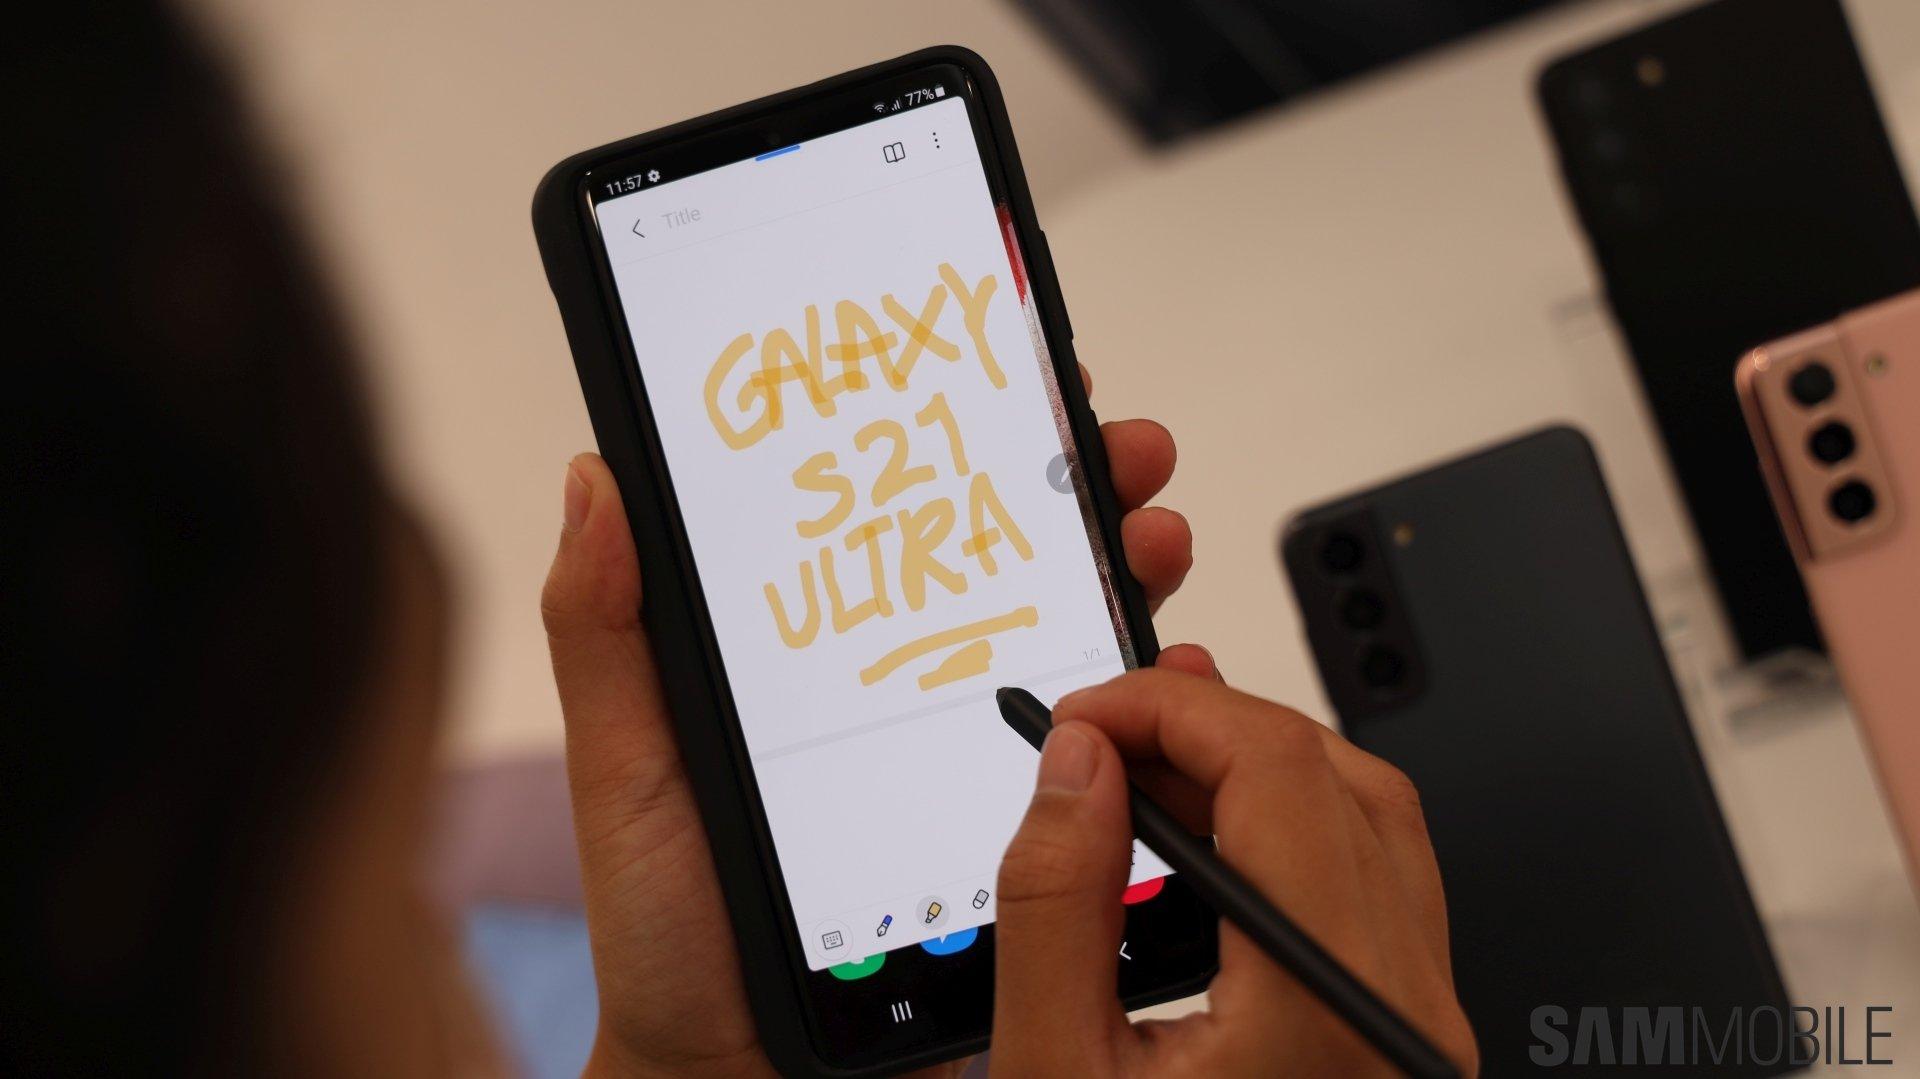 Samsung Galaxy S21 Ultra hands-on: The best just got better